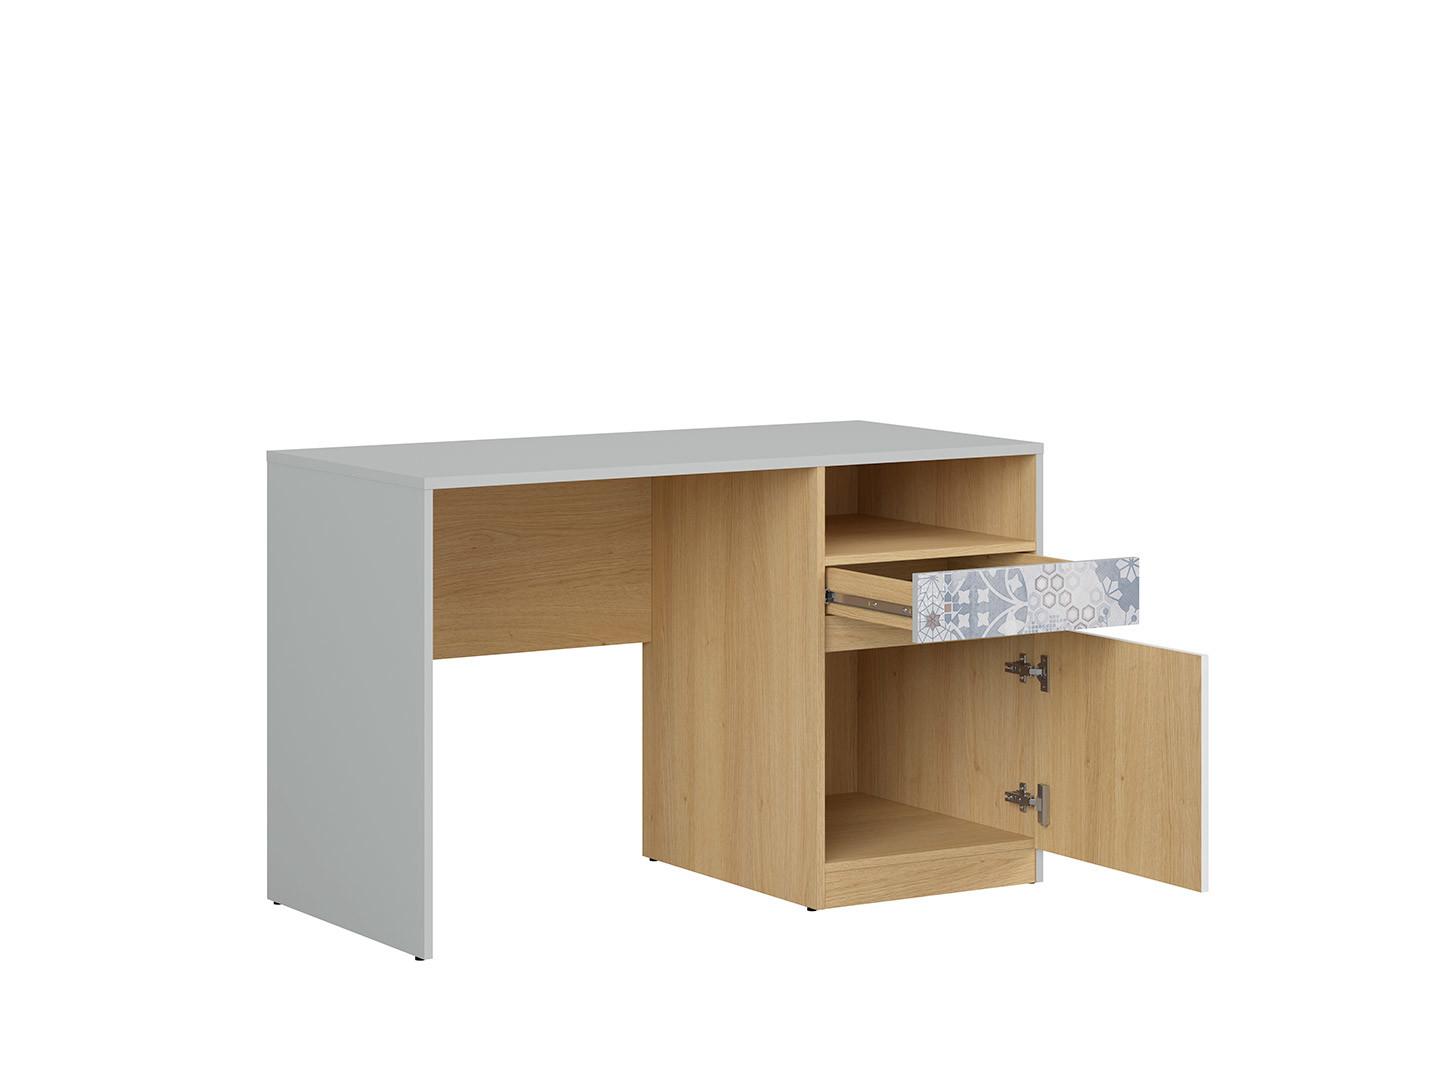 Písací stôl NANDU BIU1D1S svetlosivá/ dub poľský/ biely lesk/ arabesk